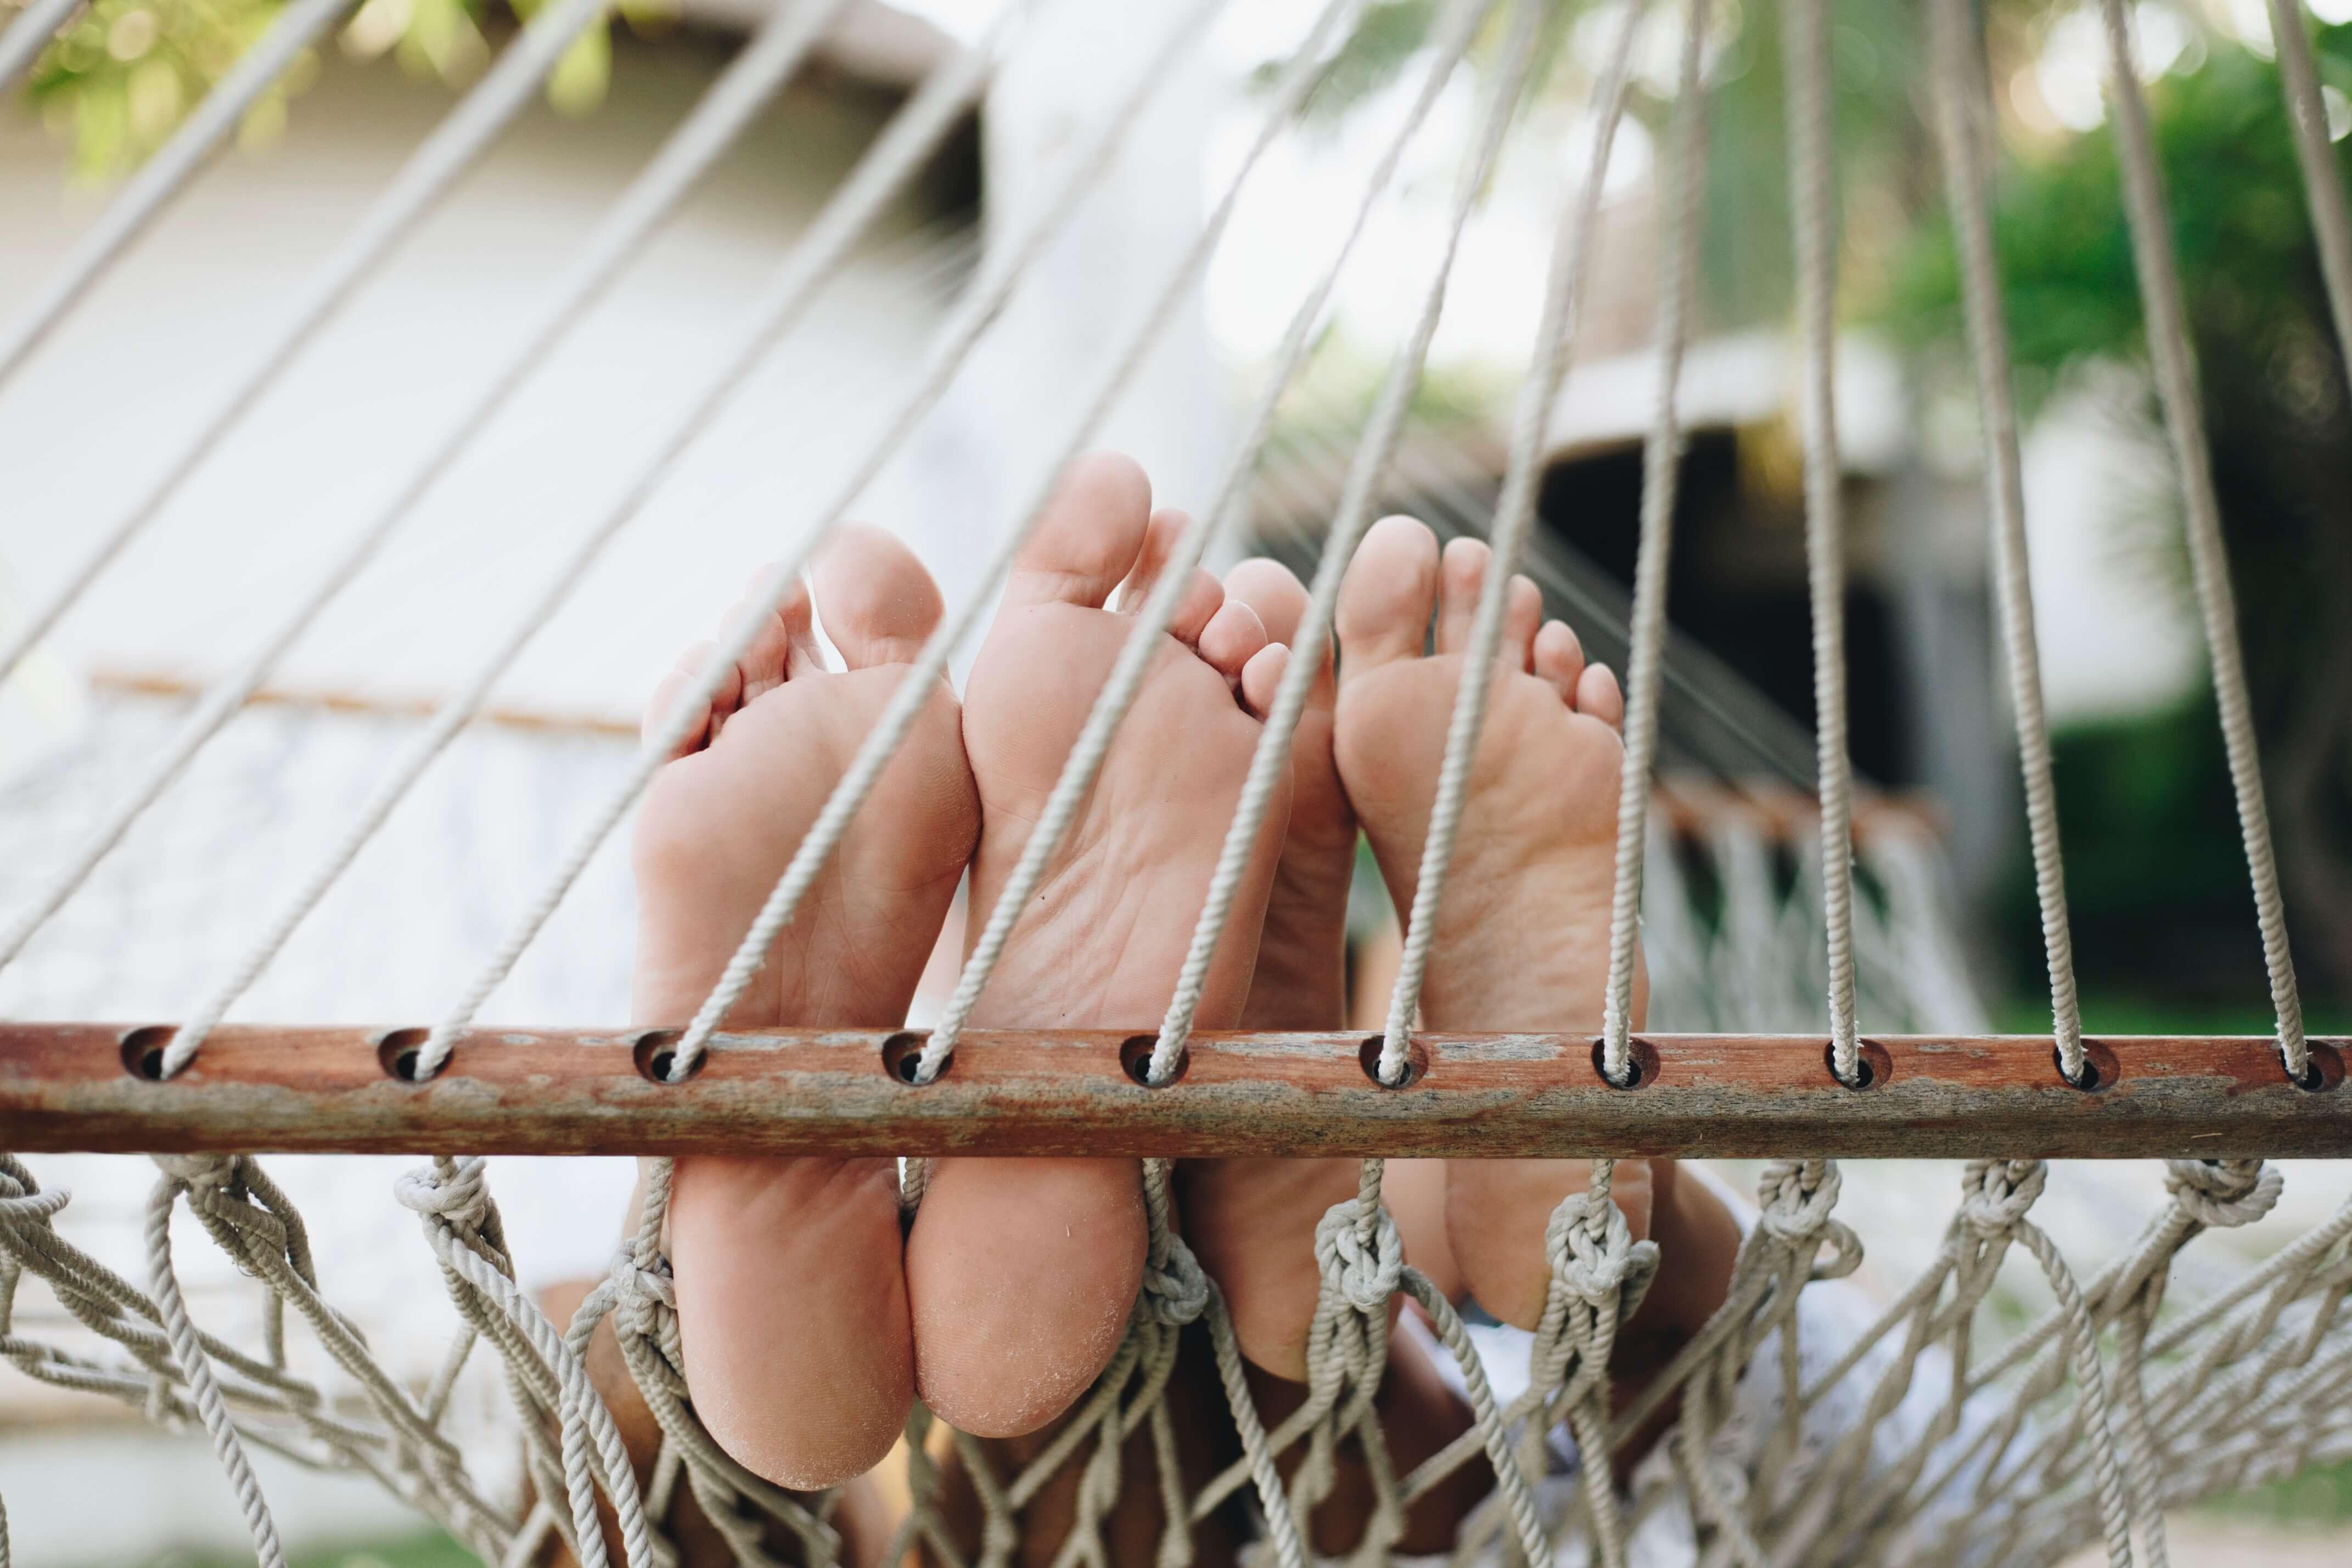 soin des pieds a domicile pieds dans un jardin qui prennent l'air